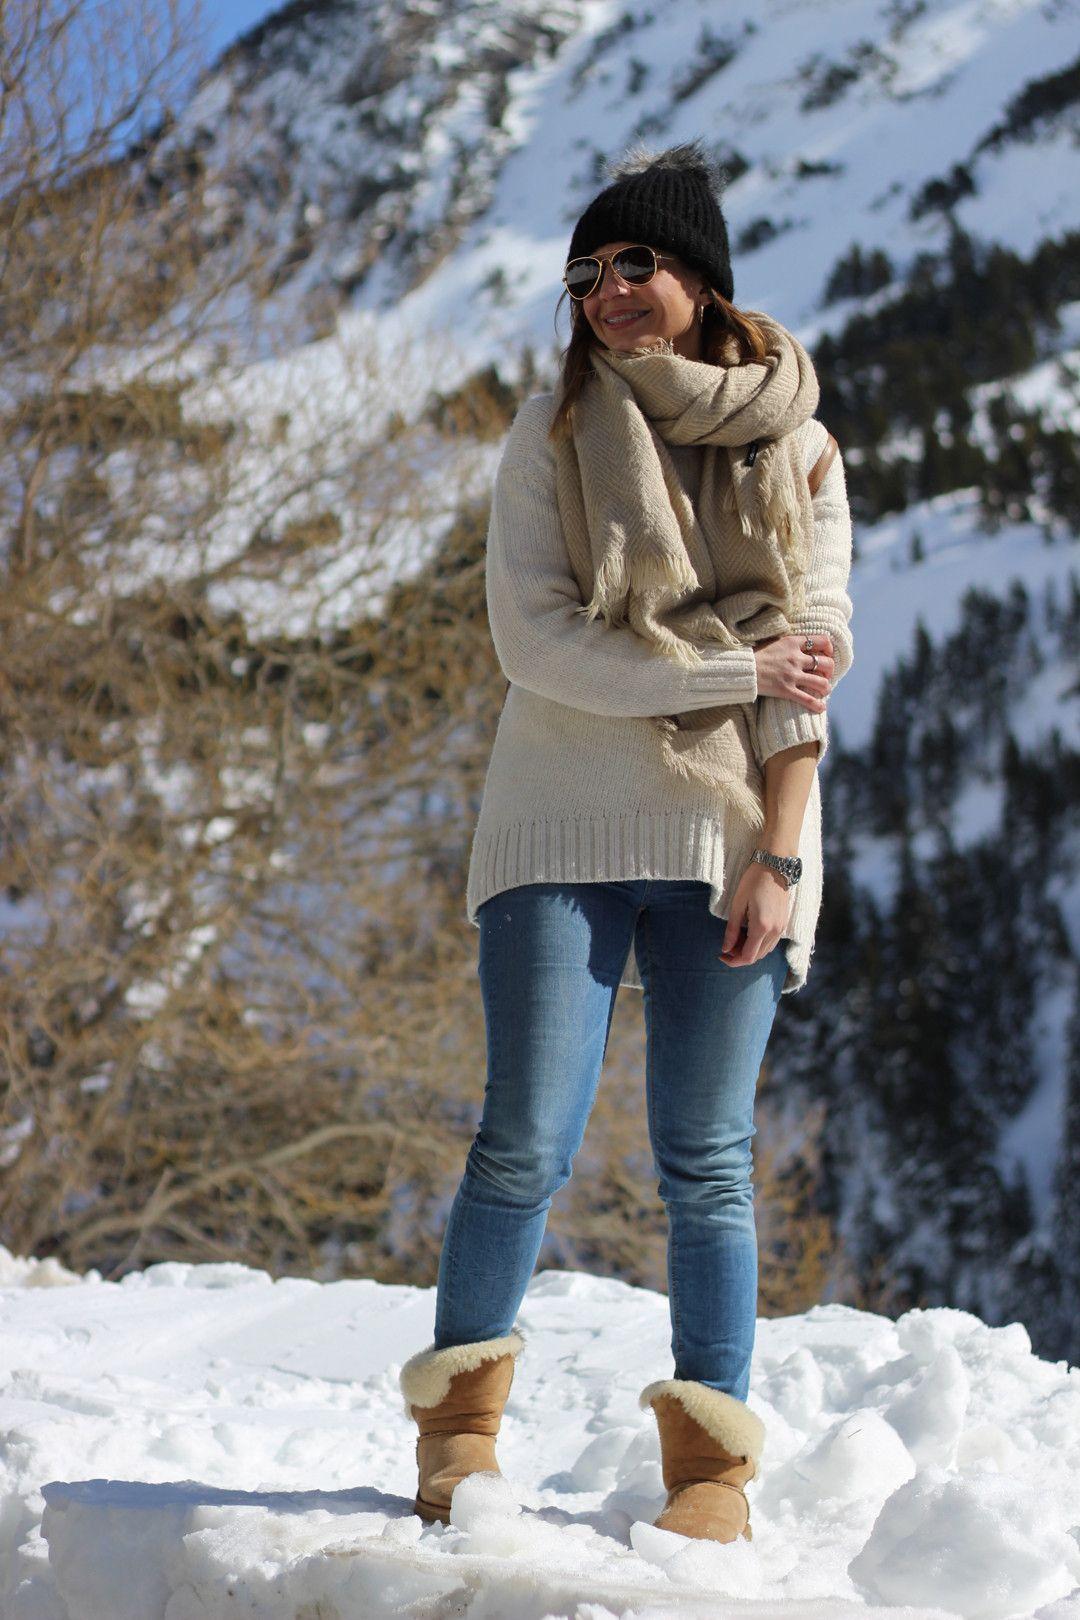 Invierno Brown Beany Hat Outfit Marrones Scarf Ugg Con De Botas Sq5Hpw